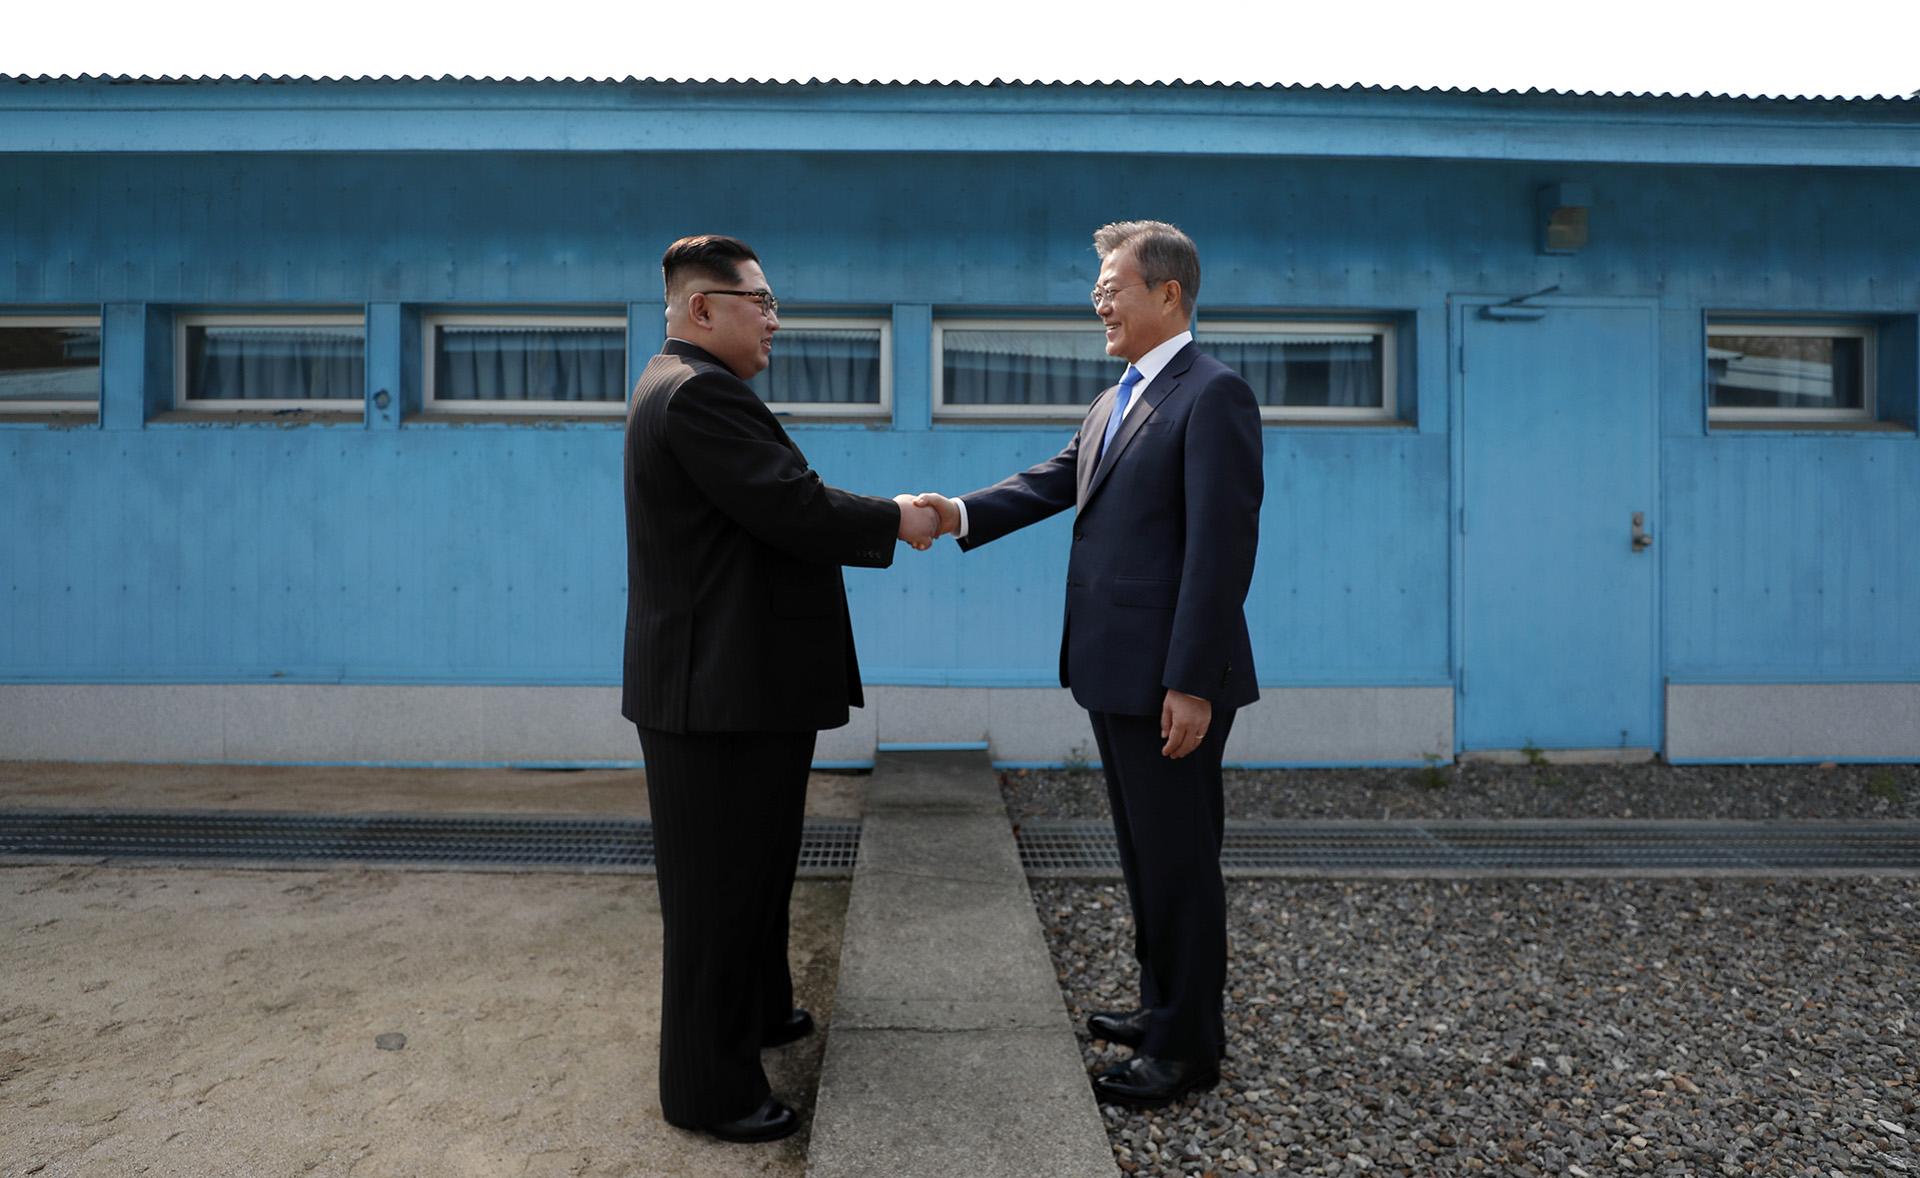 El apretón de manos entre Kim Jong Un y Moon Jae-in en la histórica cumbre intercoreana que se realizó en la aldea desmilitarizada de Panmunjom el 27 de abril (Korea Summit Press Pool / AFP)